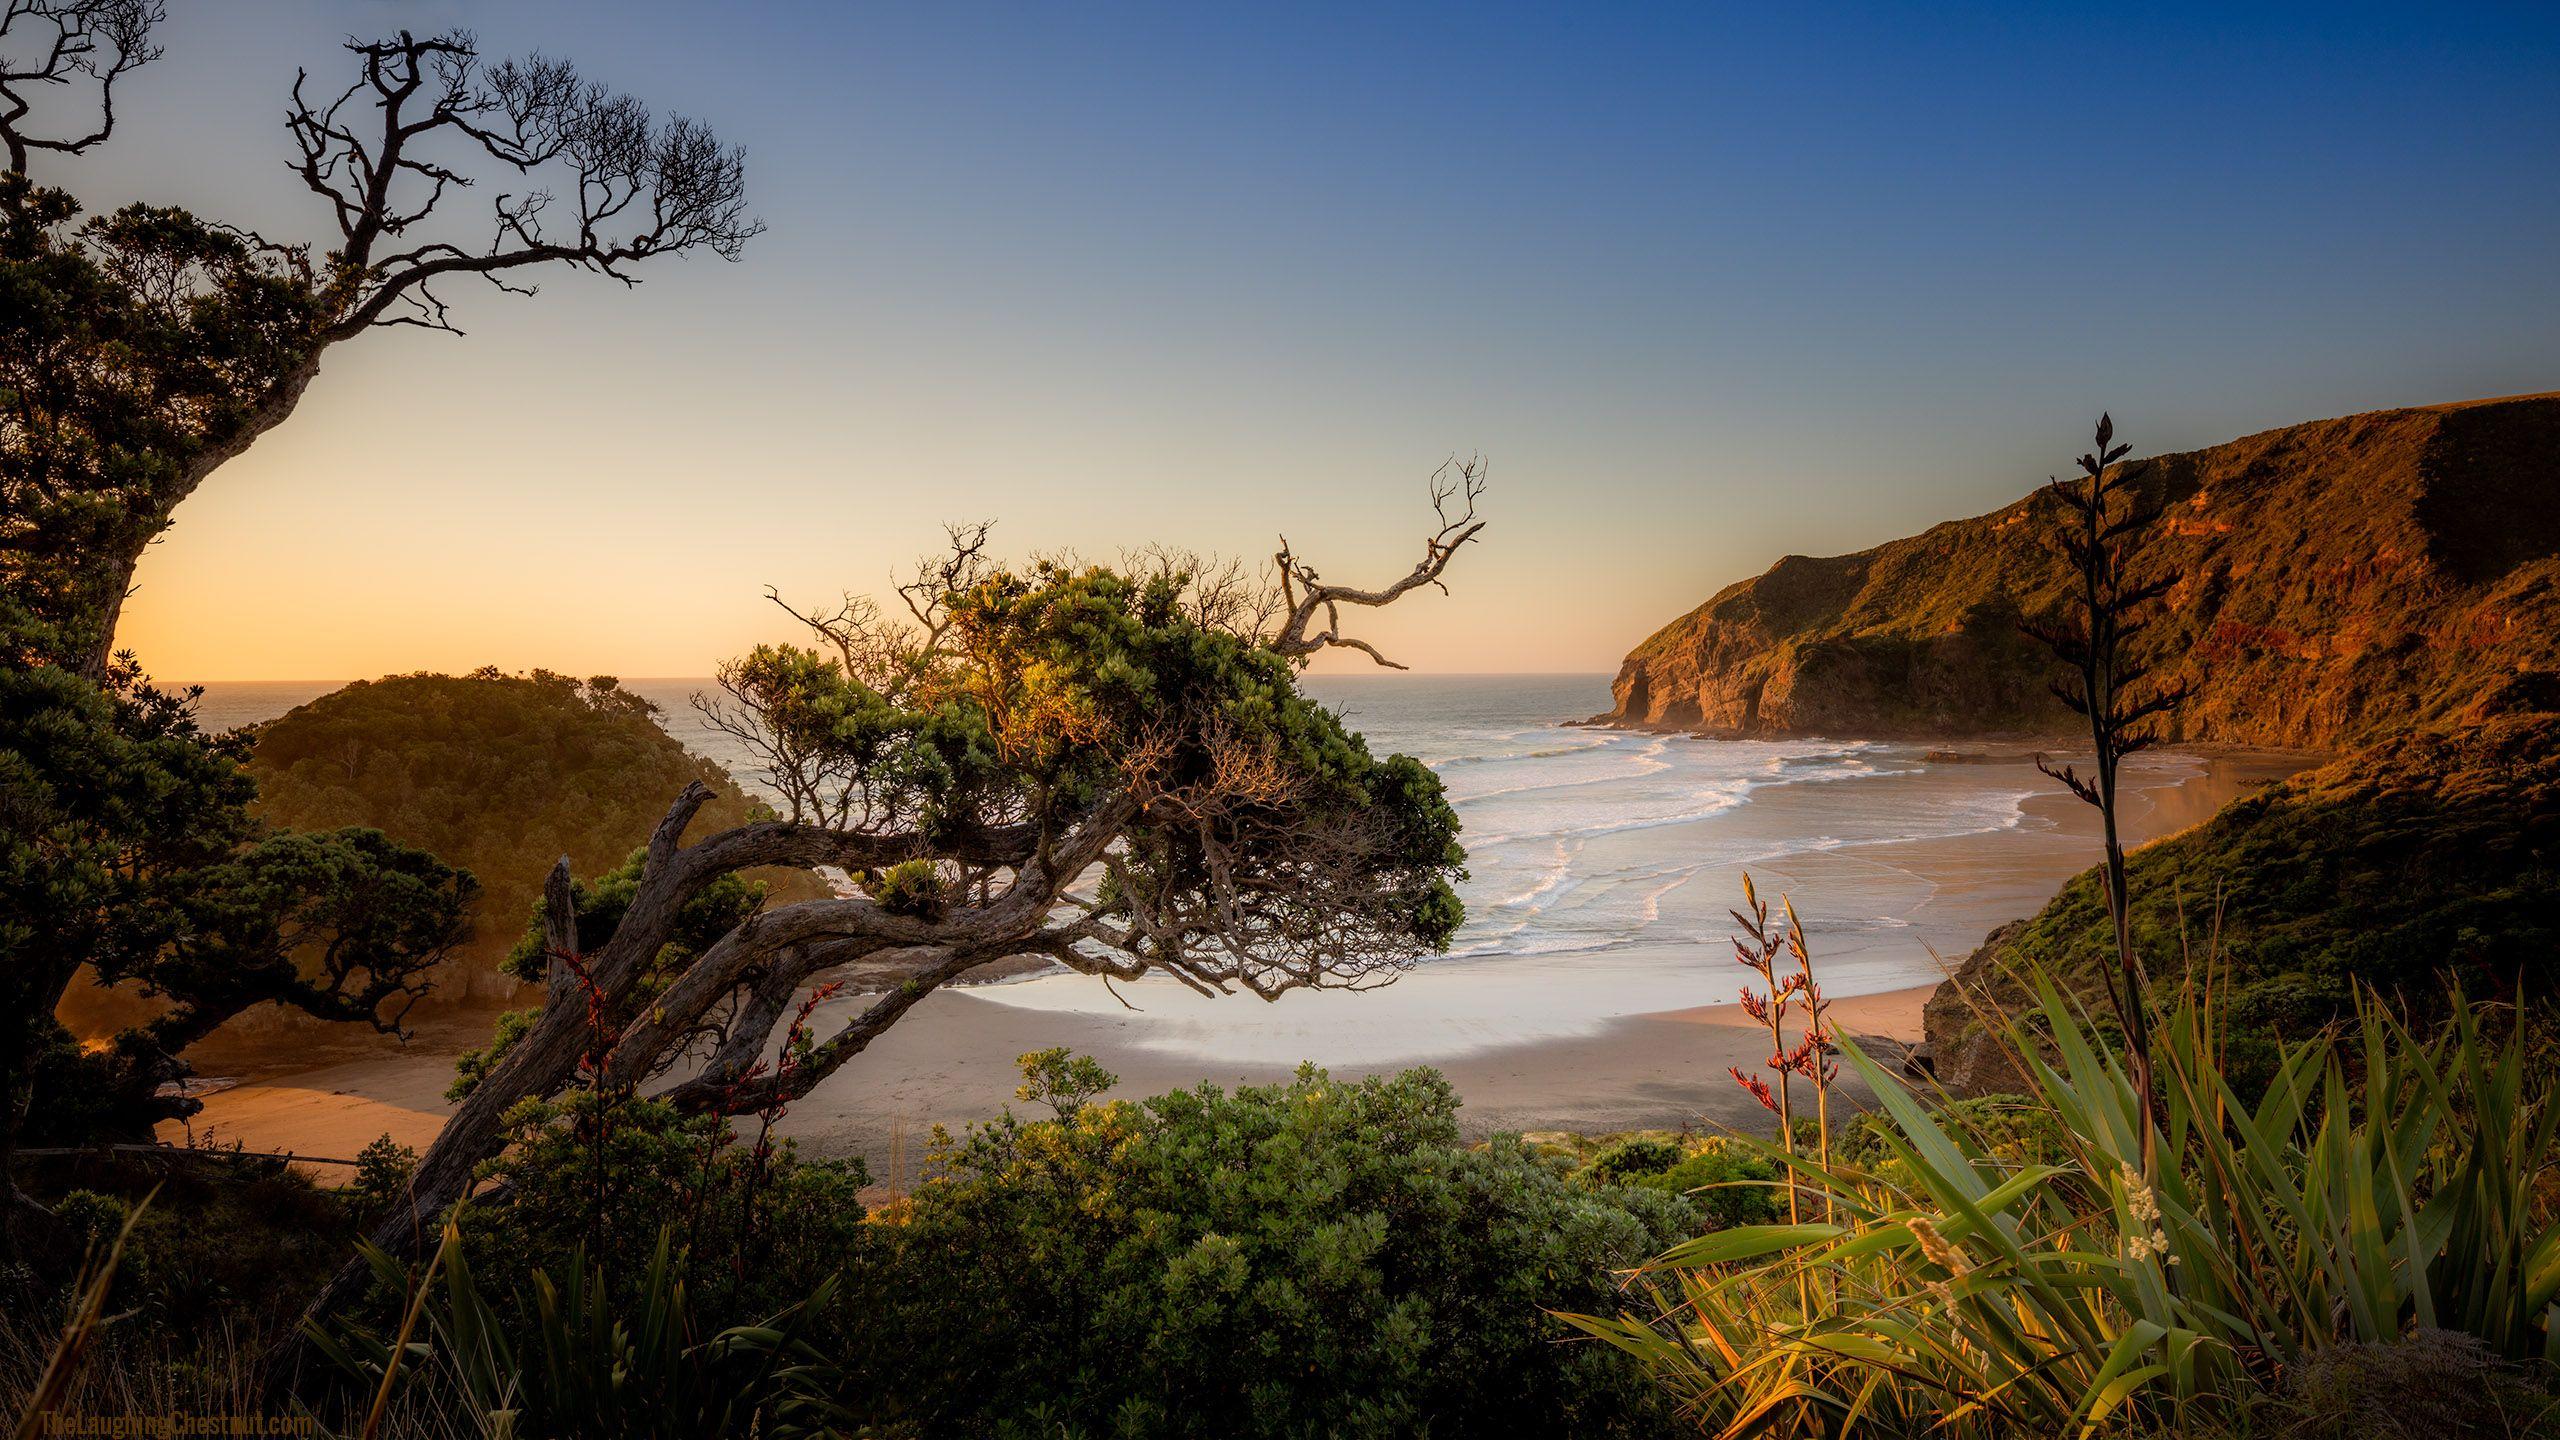 Summer vibes, O'Neill Bay, Auckland, NZ [OC][2560×1440]